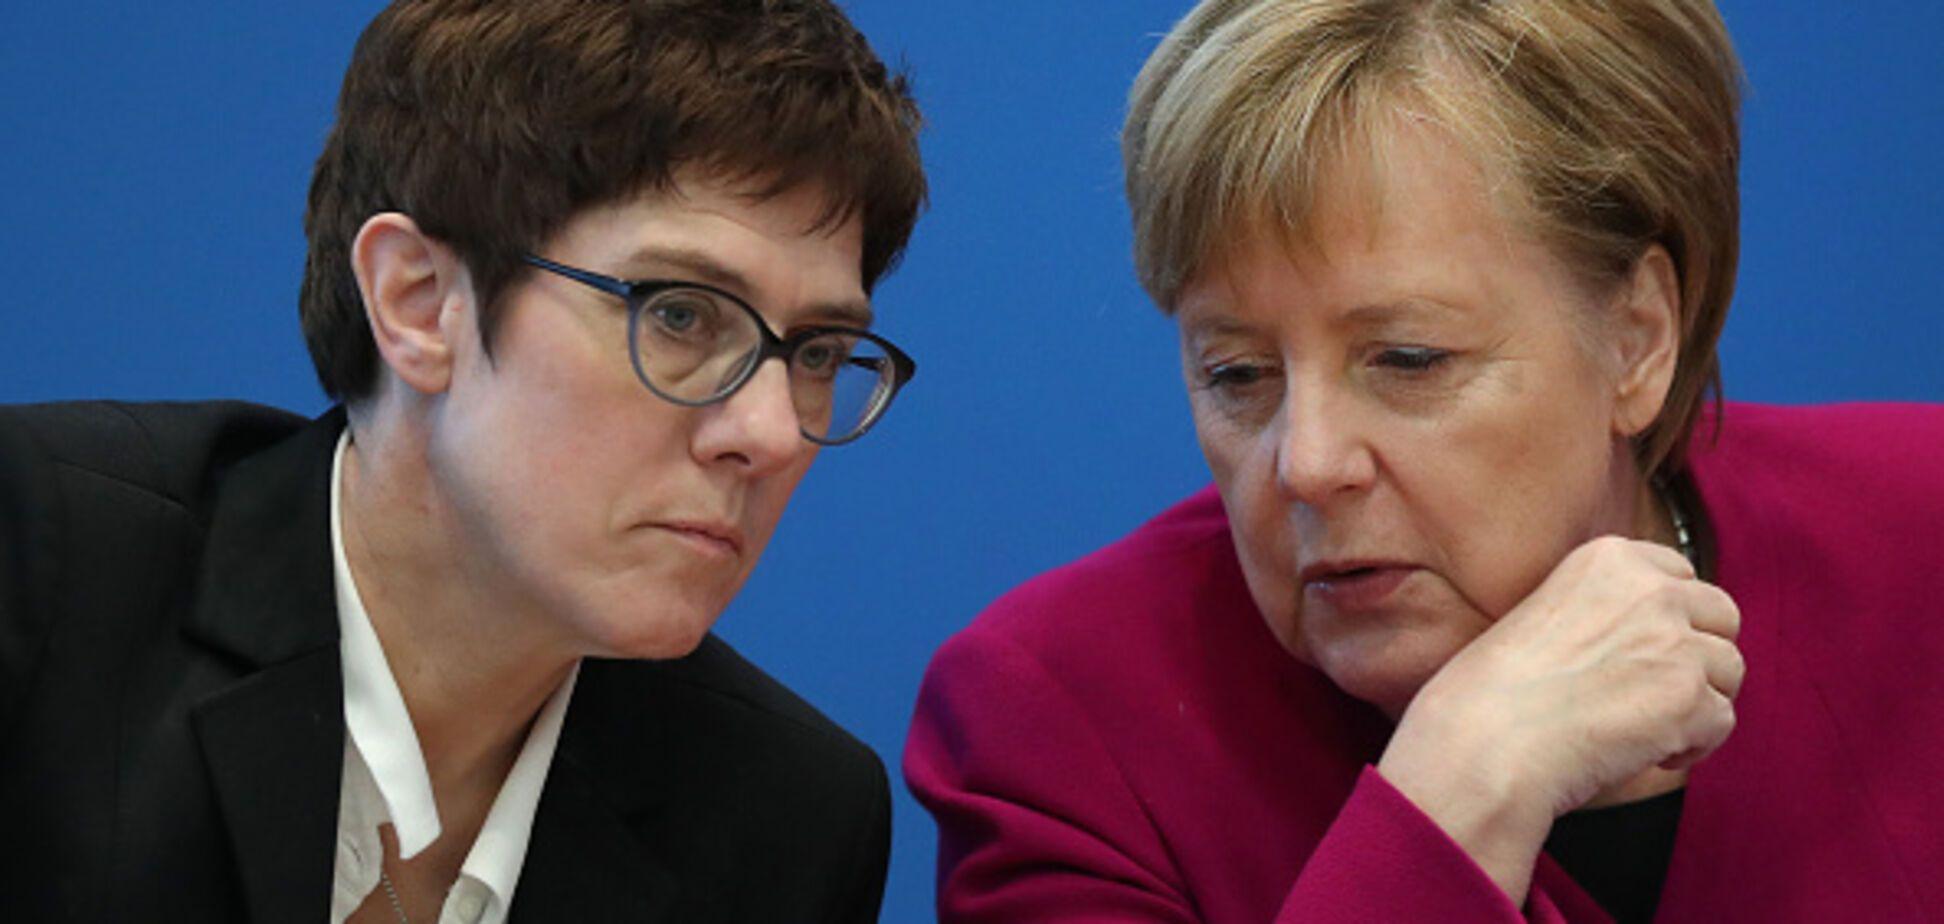 Меркель ушла в отставку: международник рассказала, что изменится для Украины